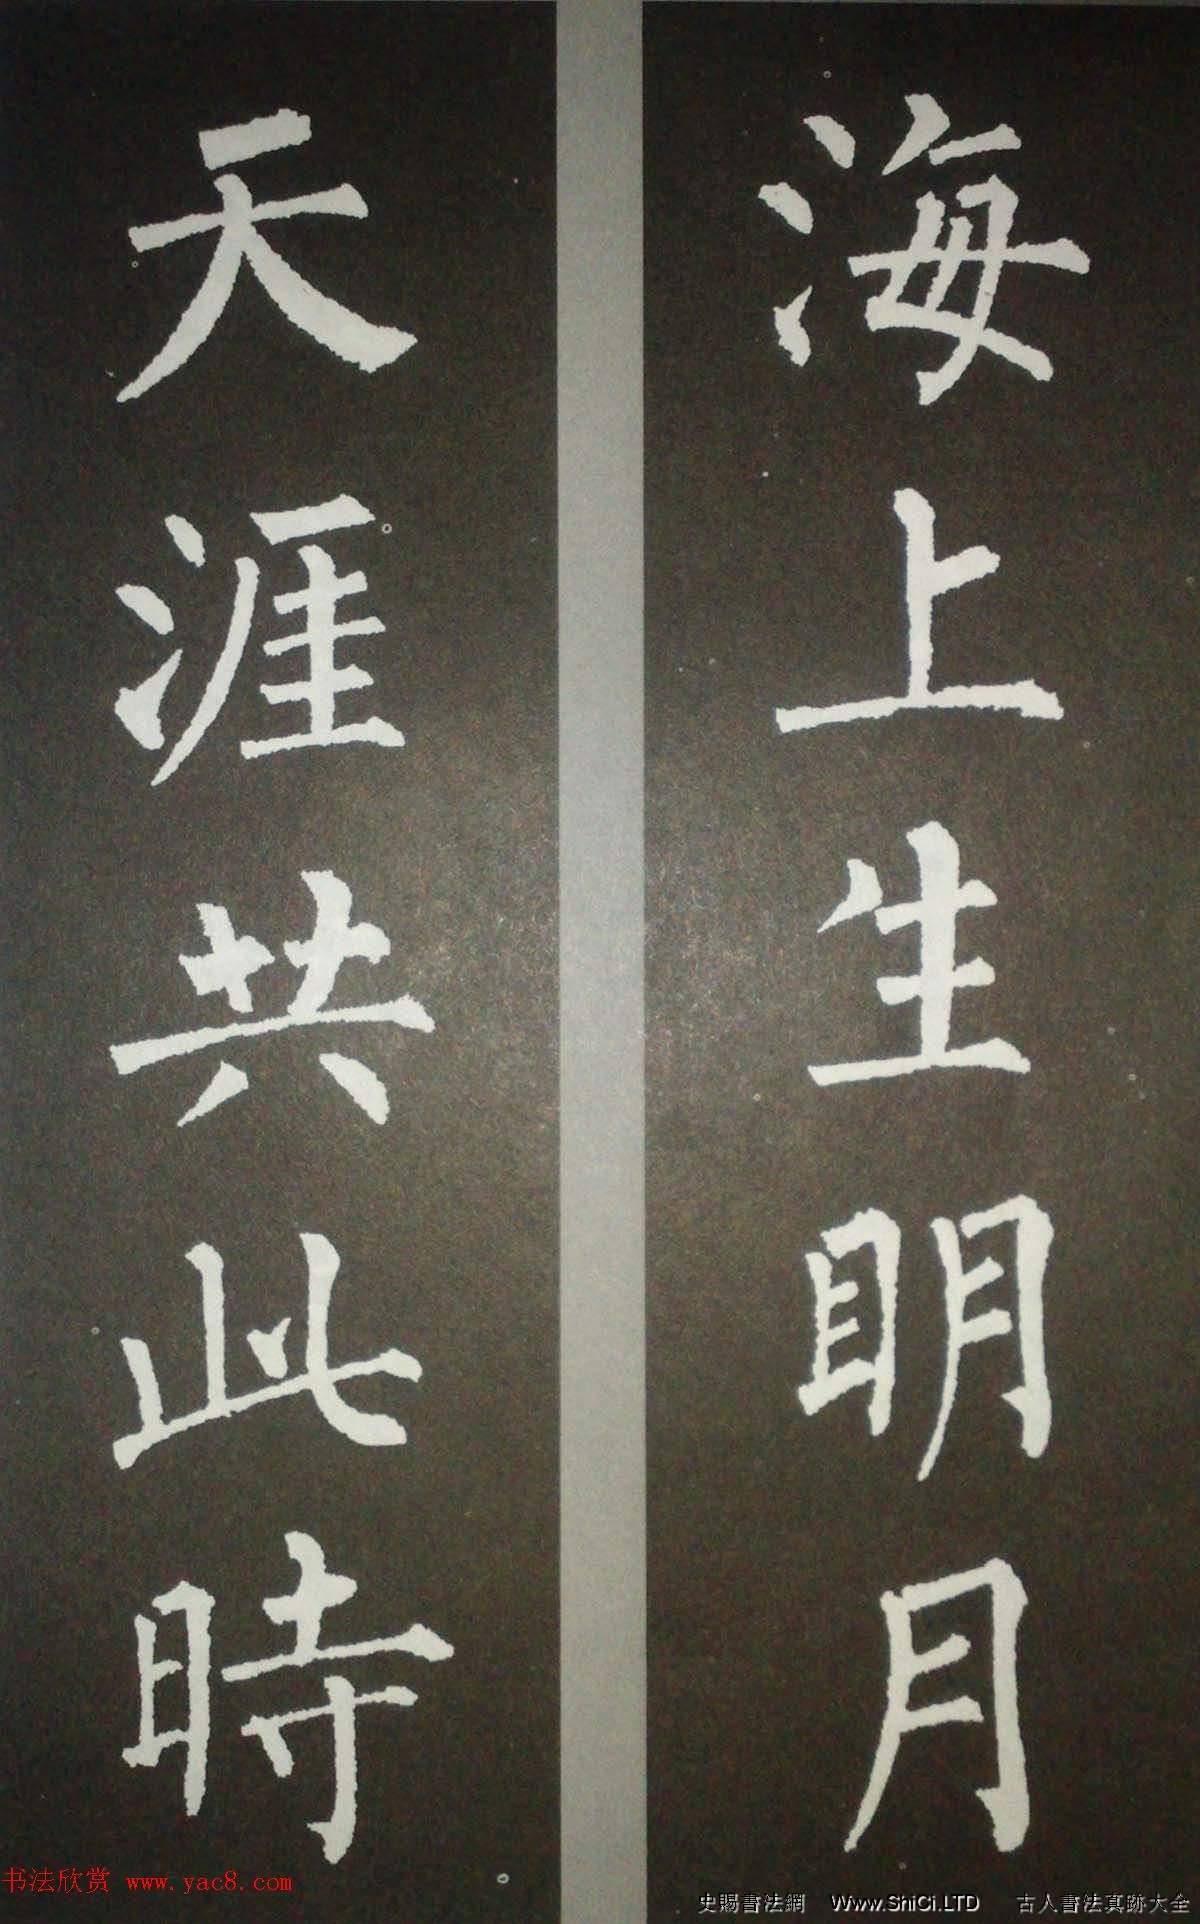 柳體集字欣賞_柳公權楷書集字書法對聯15幅